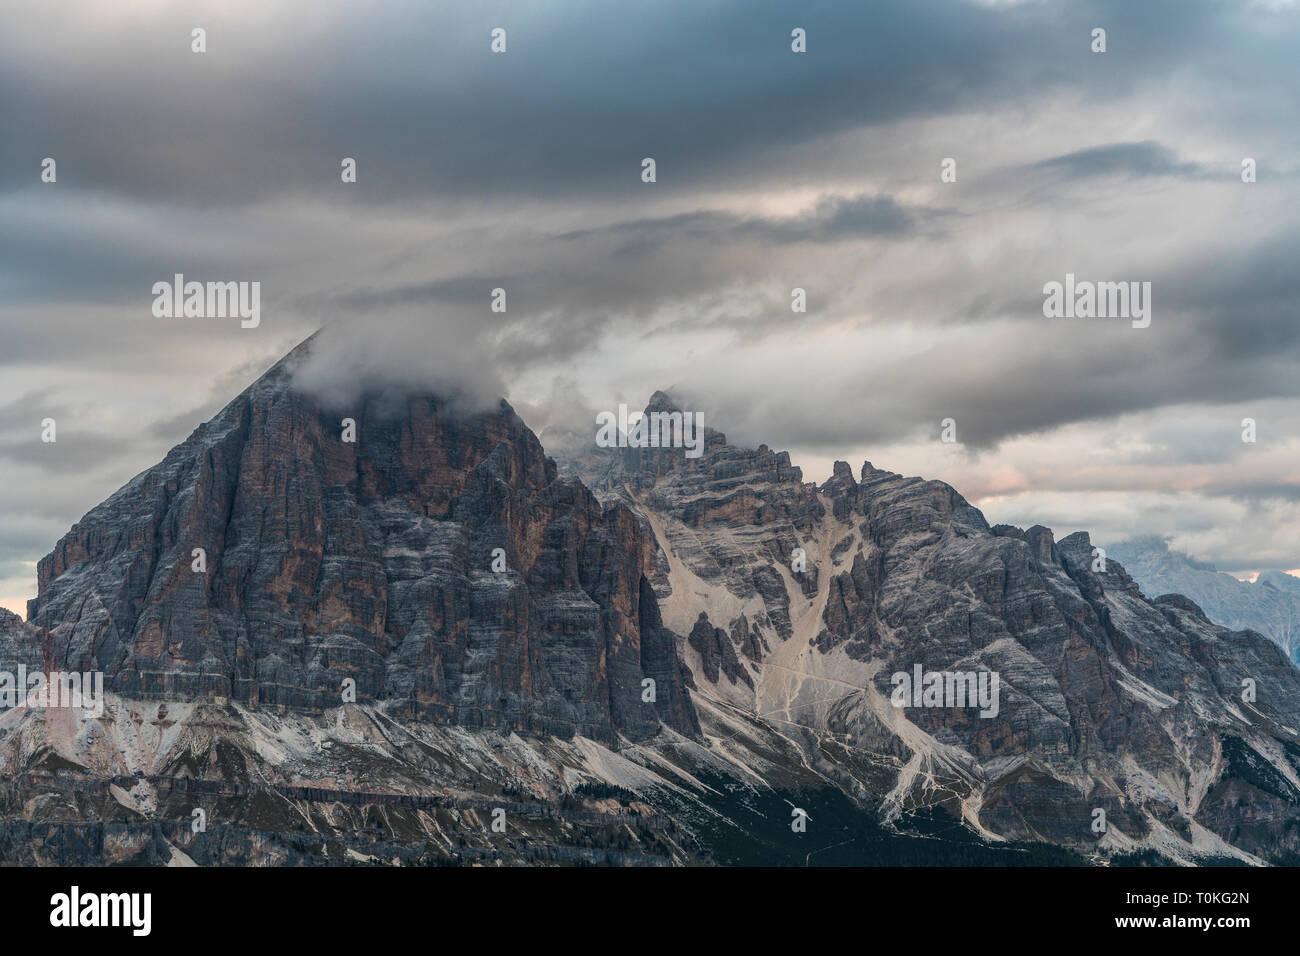 Lever du soleil dans les Dolomites au Rifugio Nuvolau donnant sur la Tofane, Italie Banque D'Images